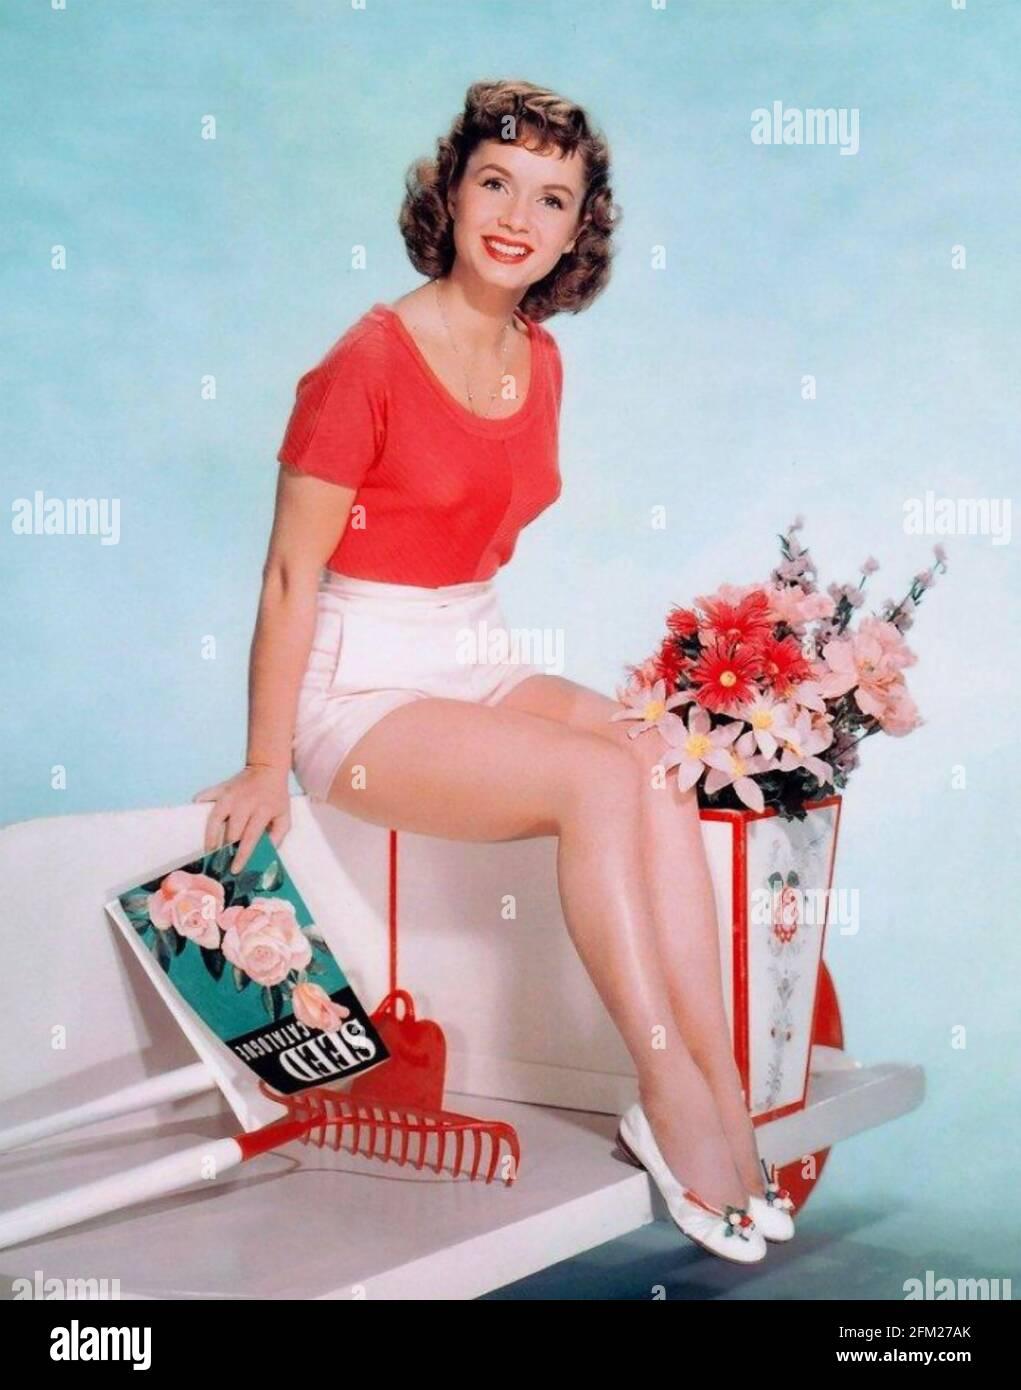 DEBBIE REYNOLDS (1932-2016) attrice e cantante statunitense circa 1960 Foto Stock